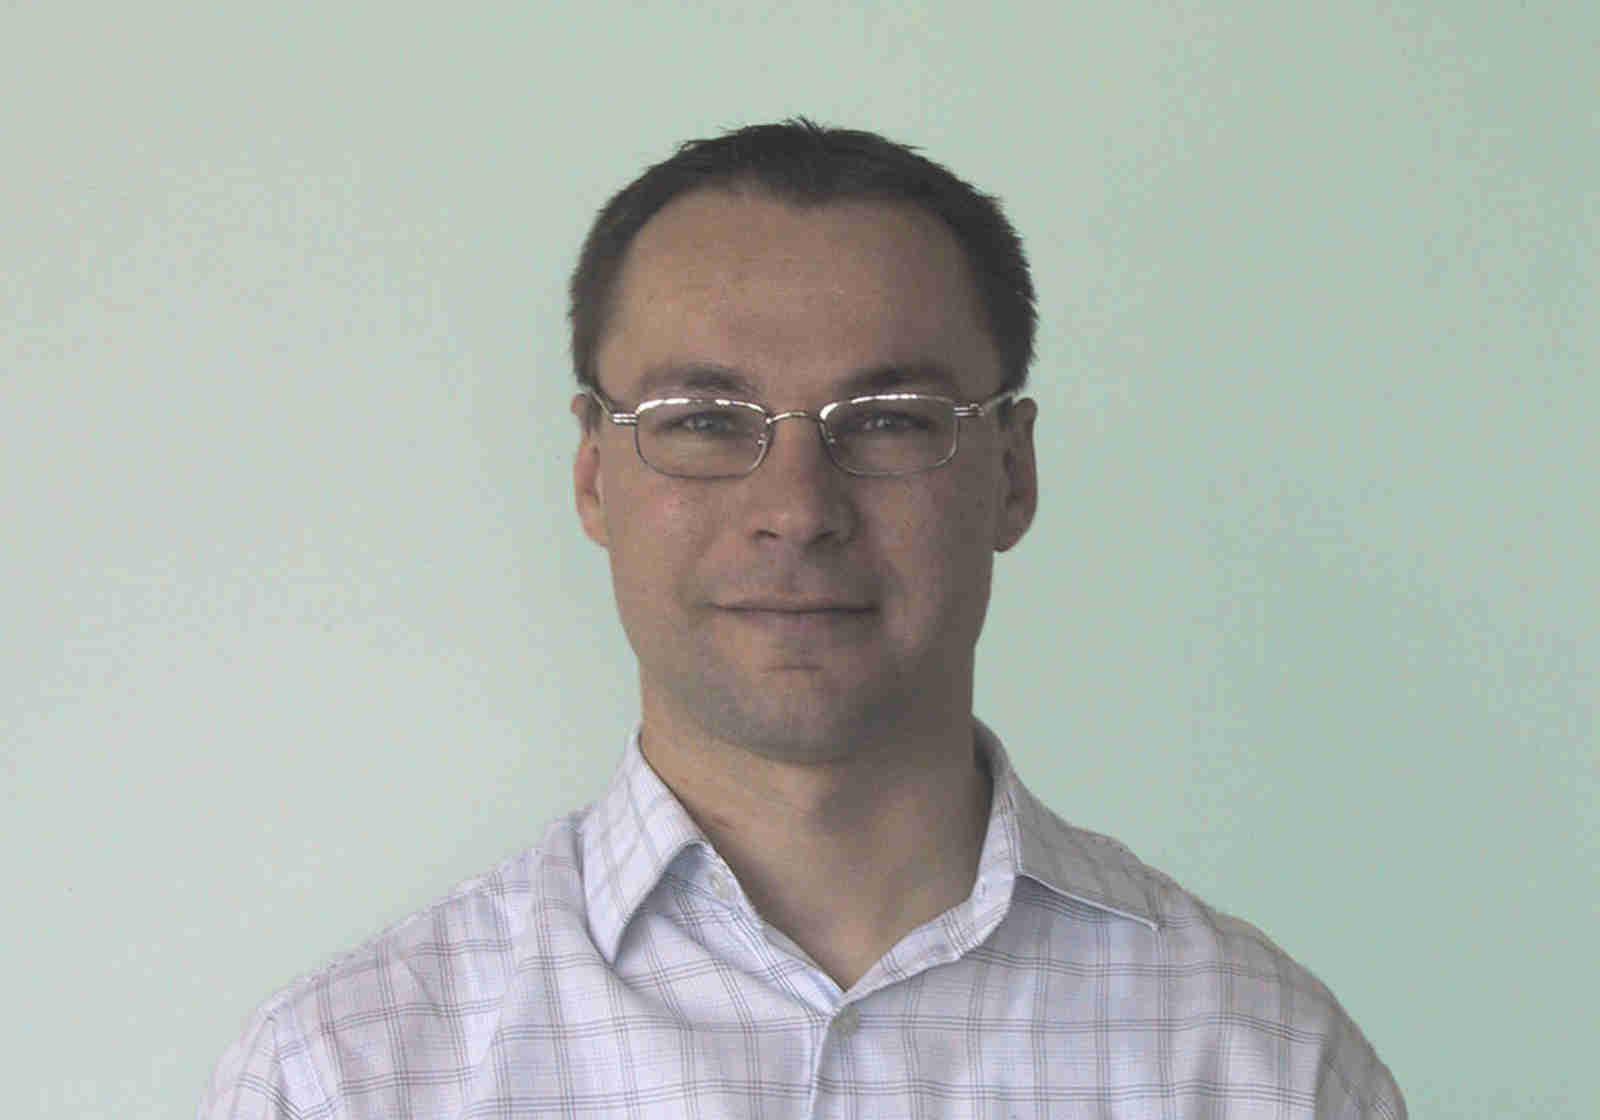 Martin Krautgartner